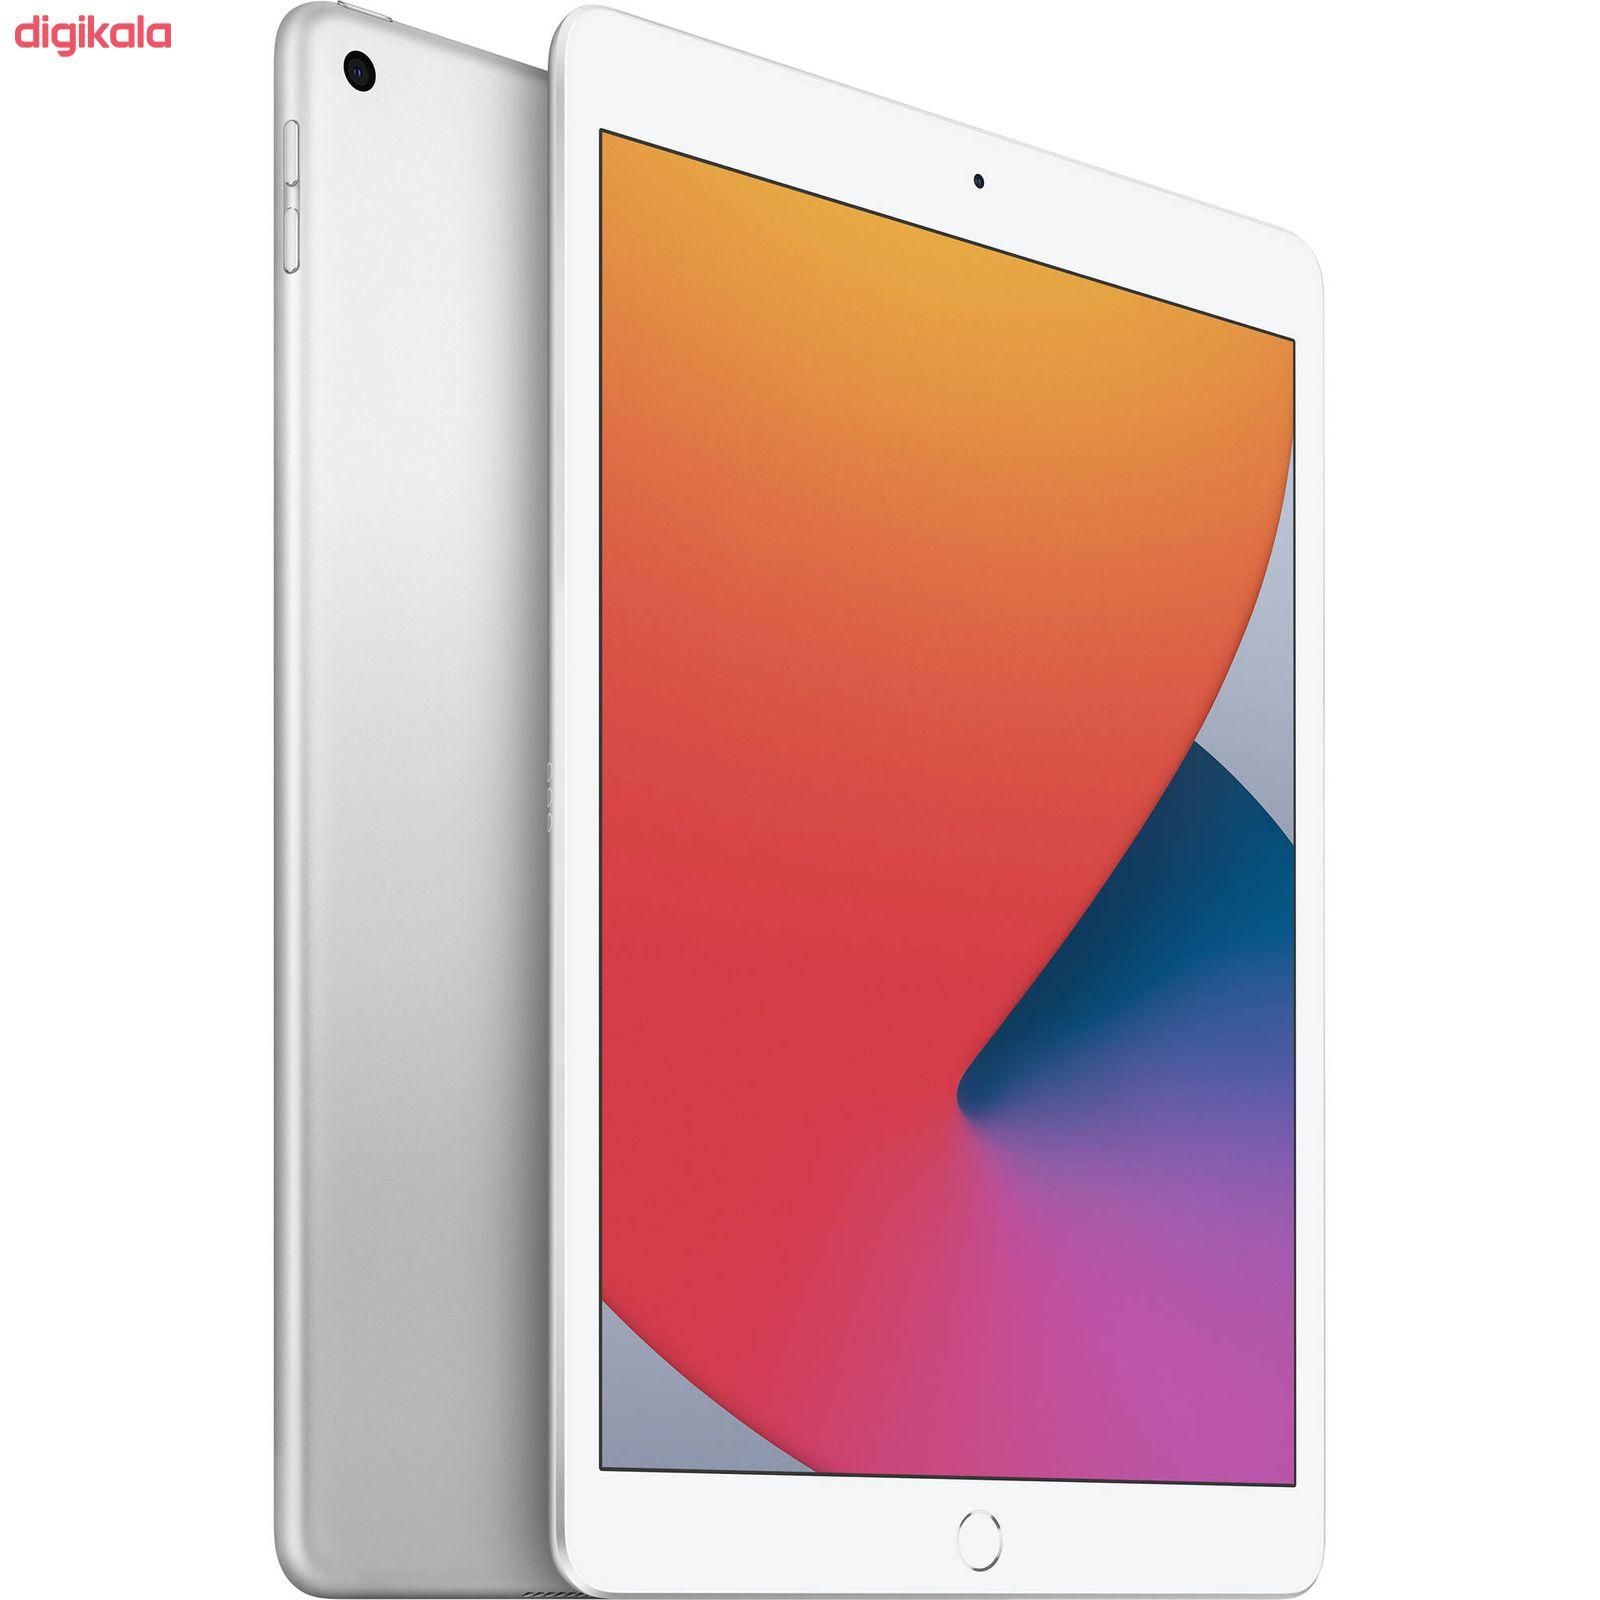 تبلت اپل مدل iPad 10.2 inch 2020 WiFi ظرفیت 32 گیگابایت  main 1 7